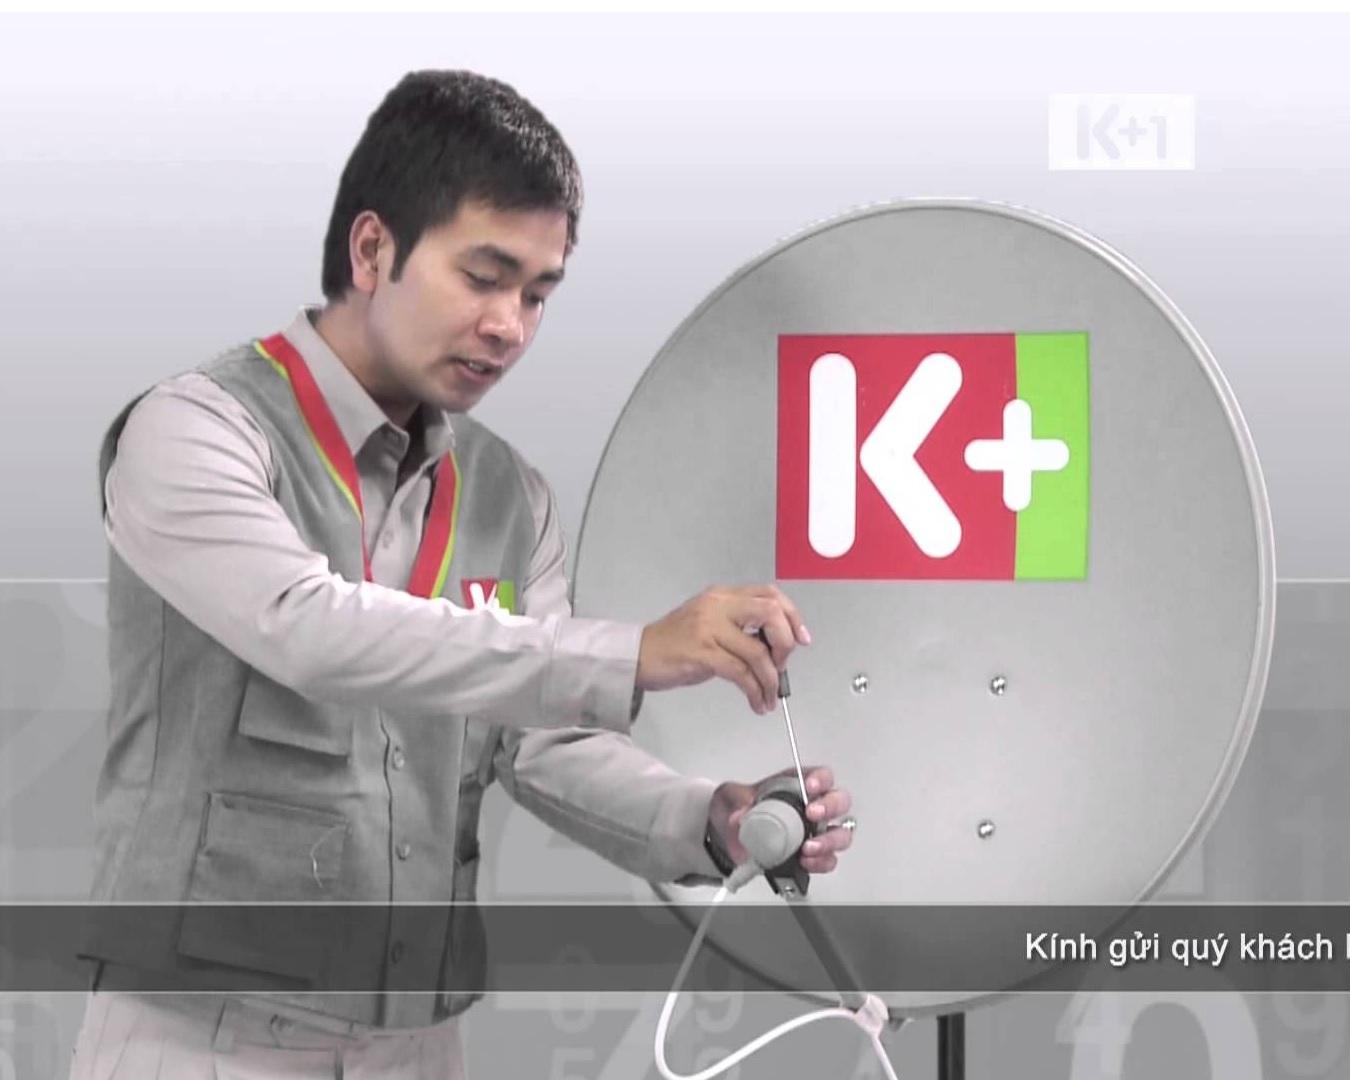 Hướng dẫn điều chỉnh tối ưu hóa tín hiệu vệ tinh